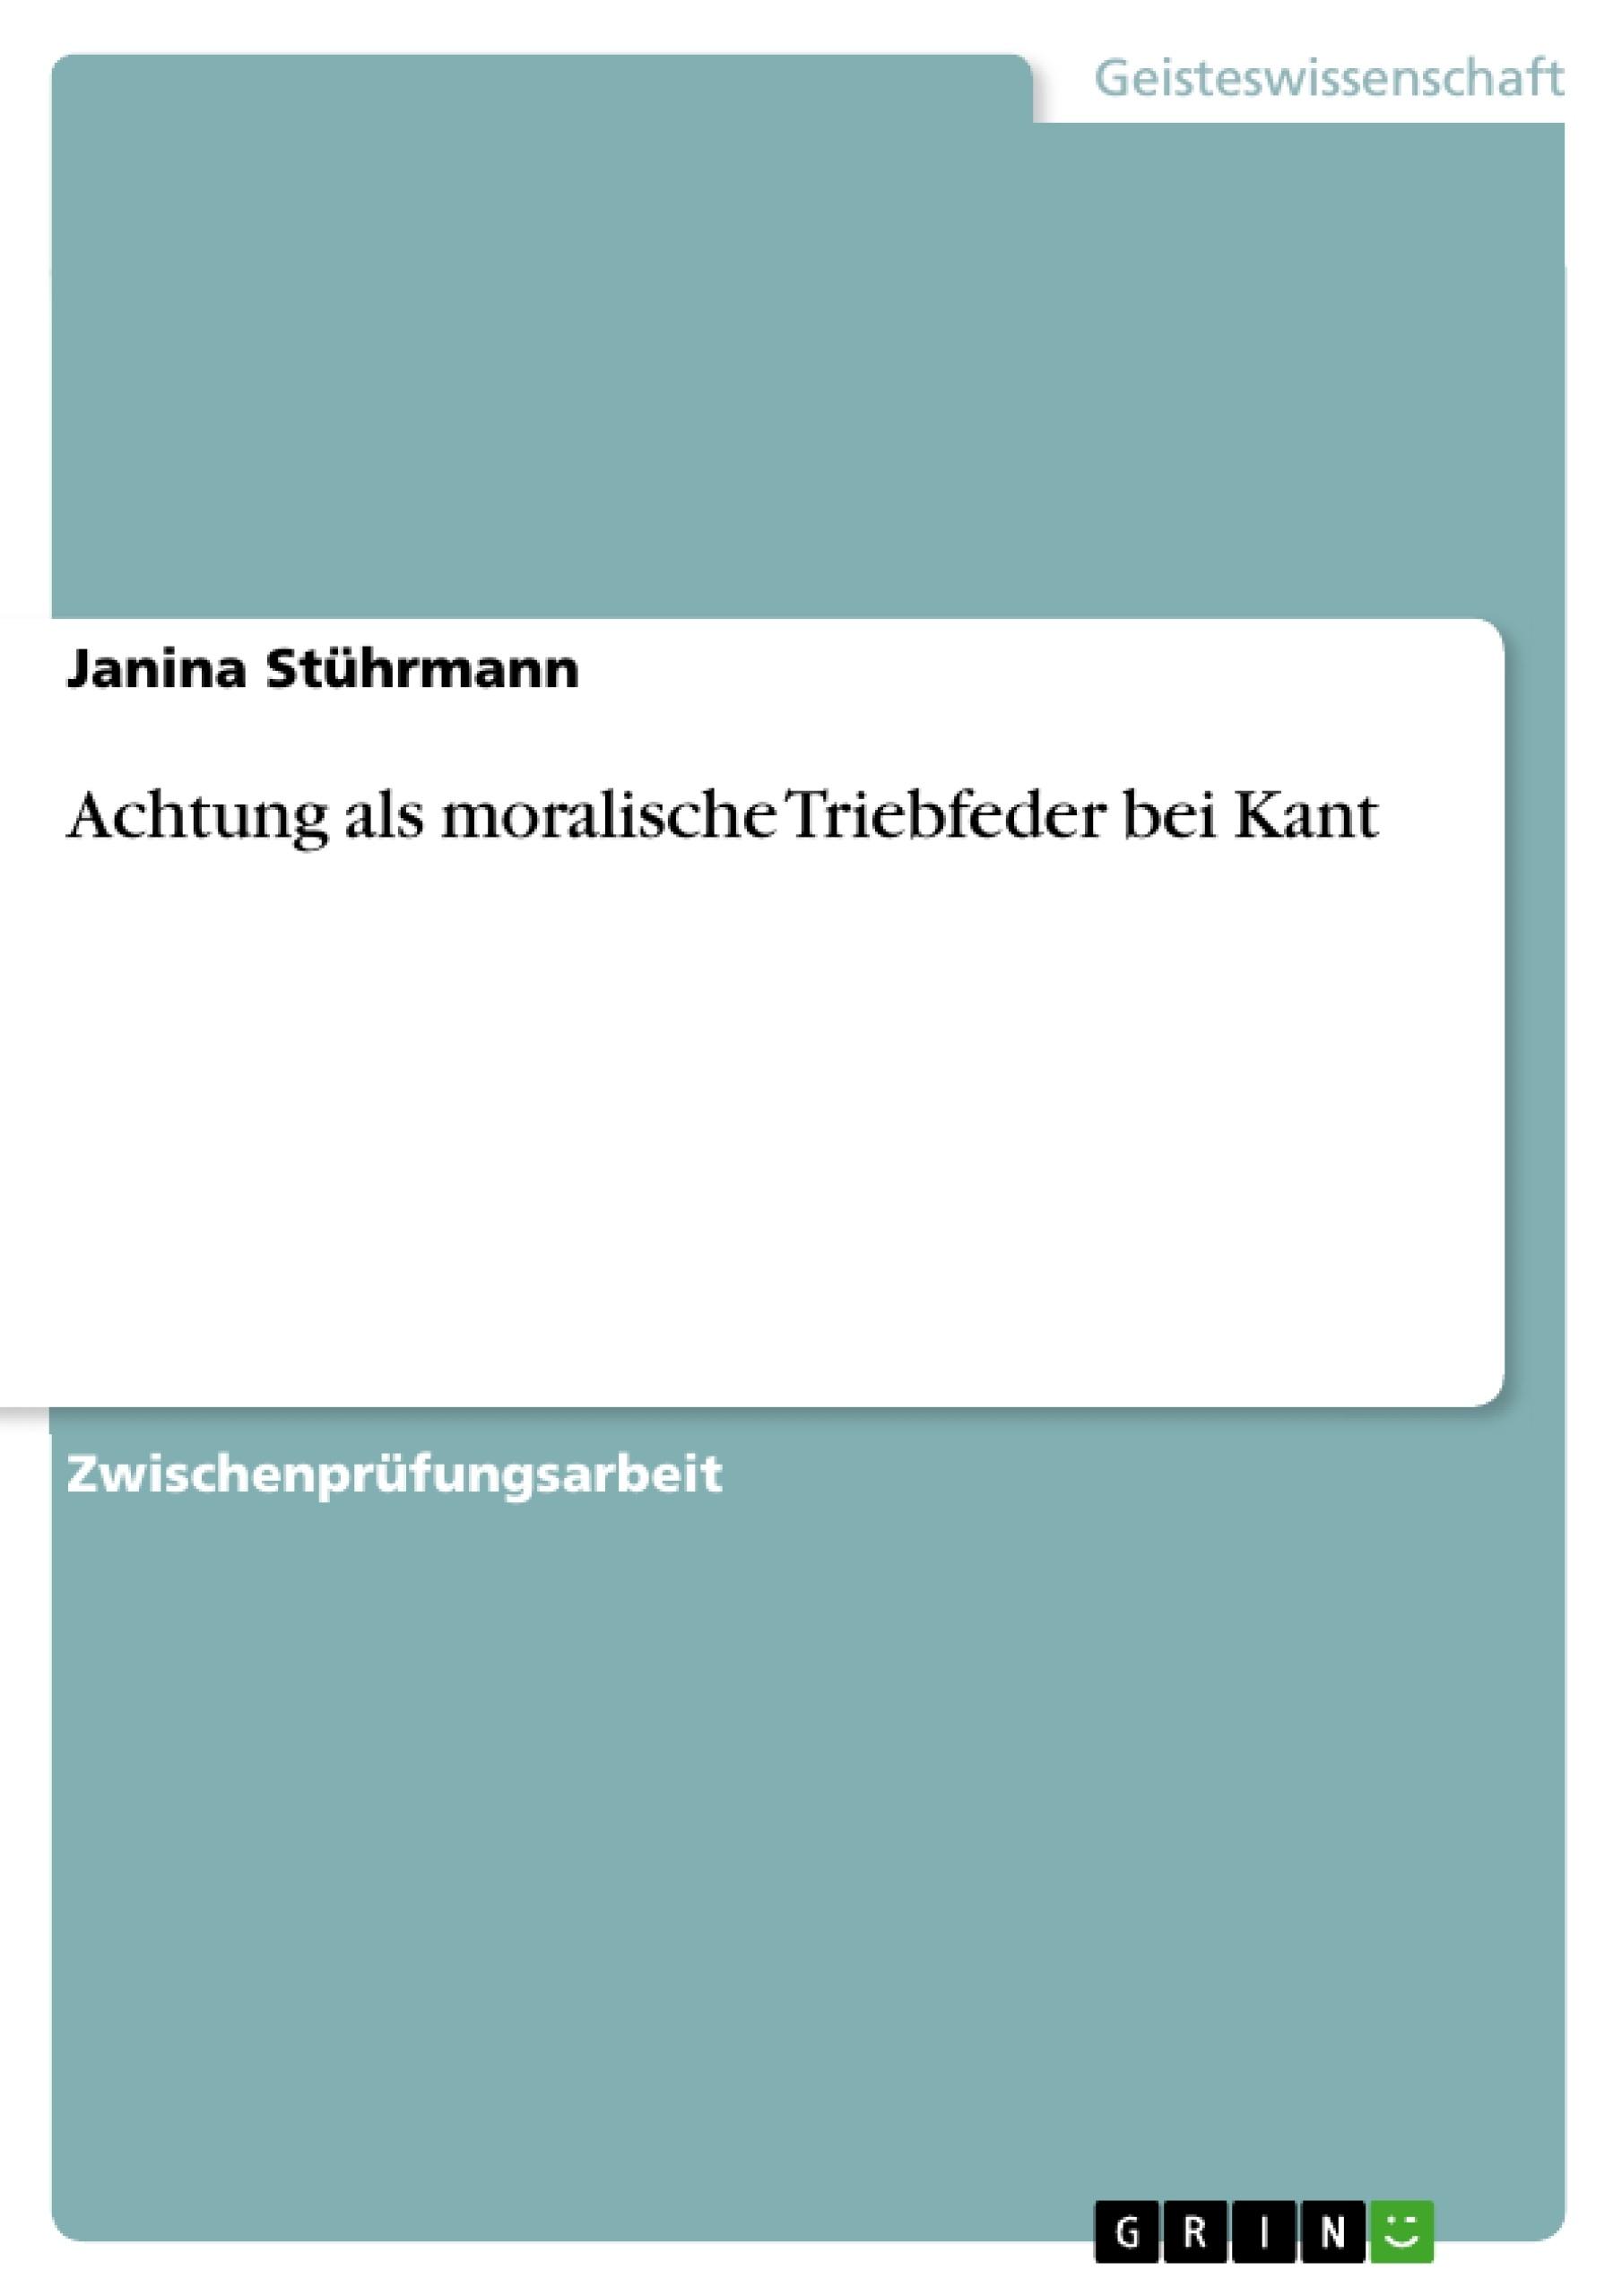 Titel: Achtung als moralische Triebfeder bei Kant